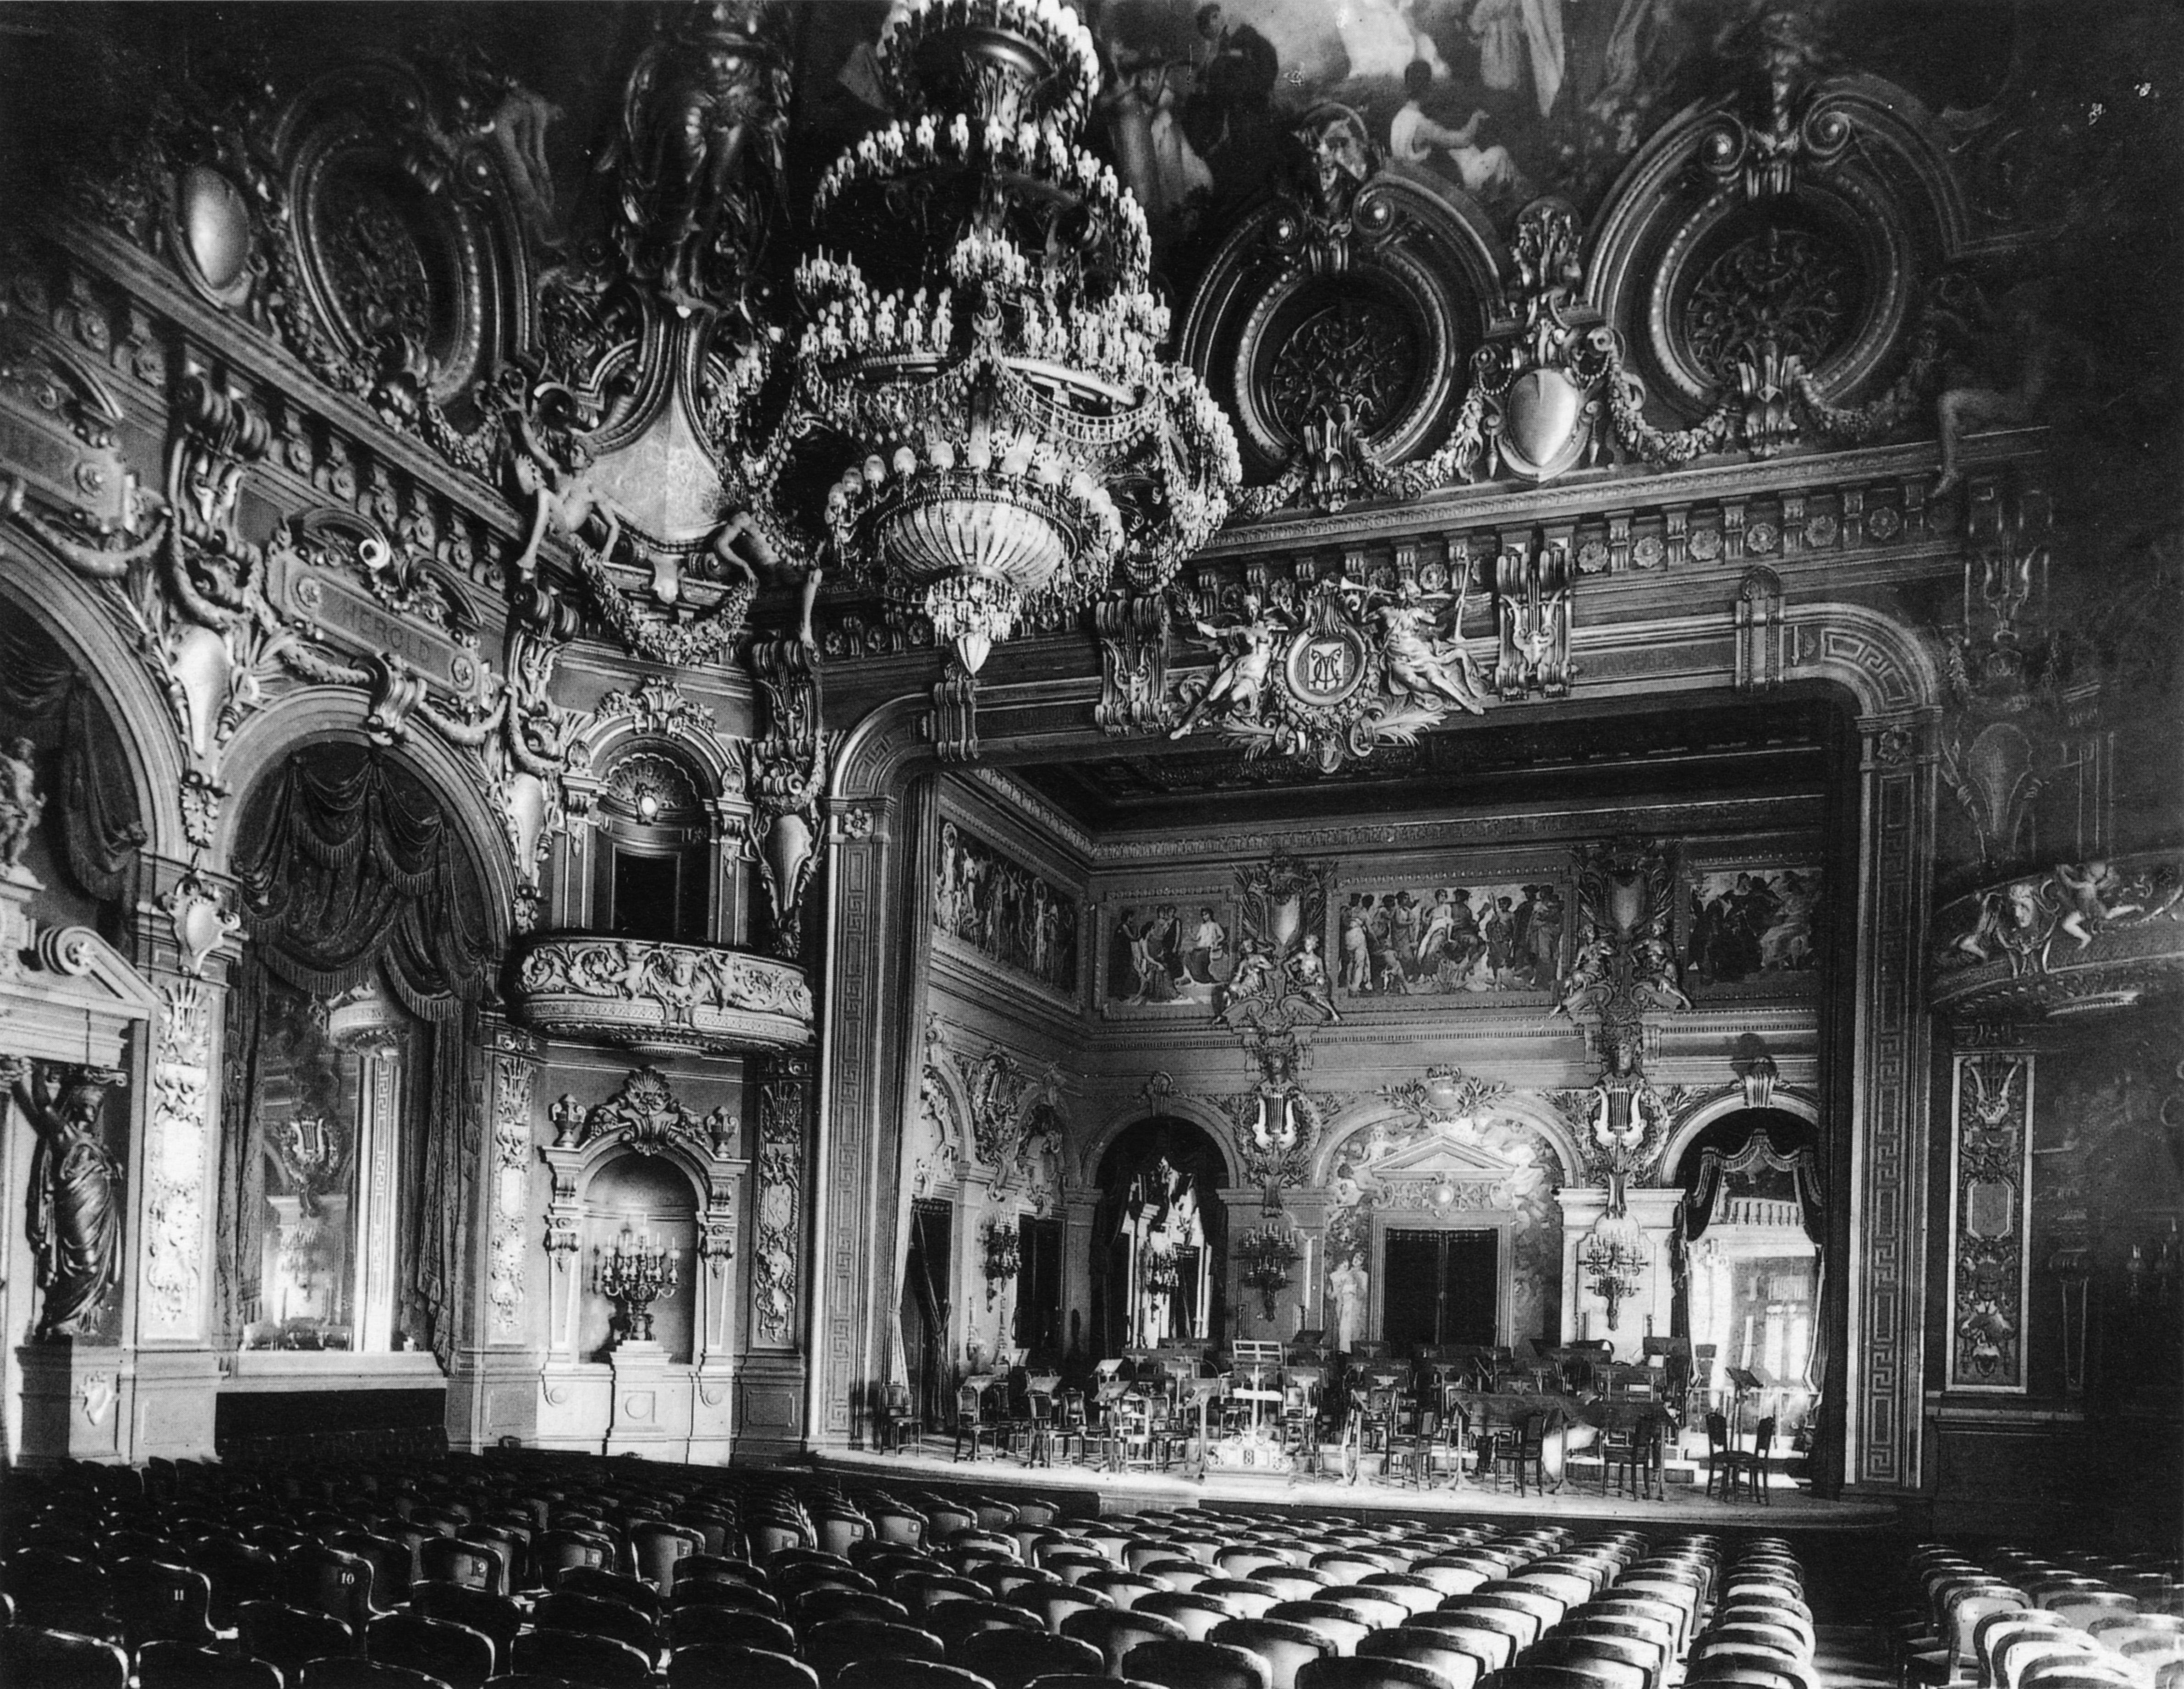 fichiermonte carlo casino theatre interior 187879